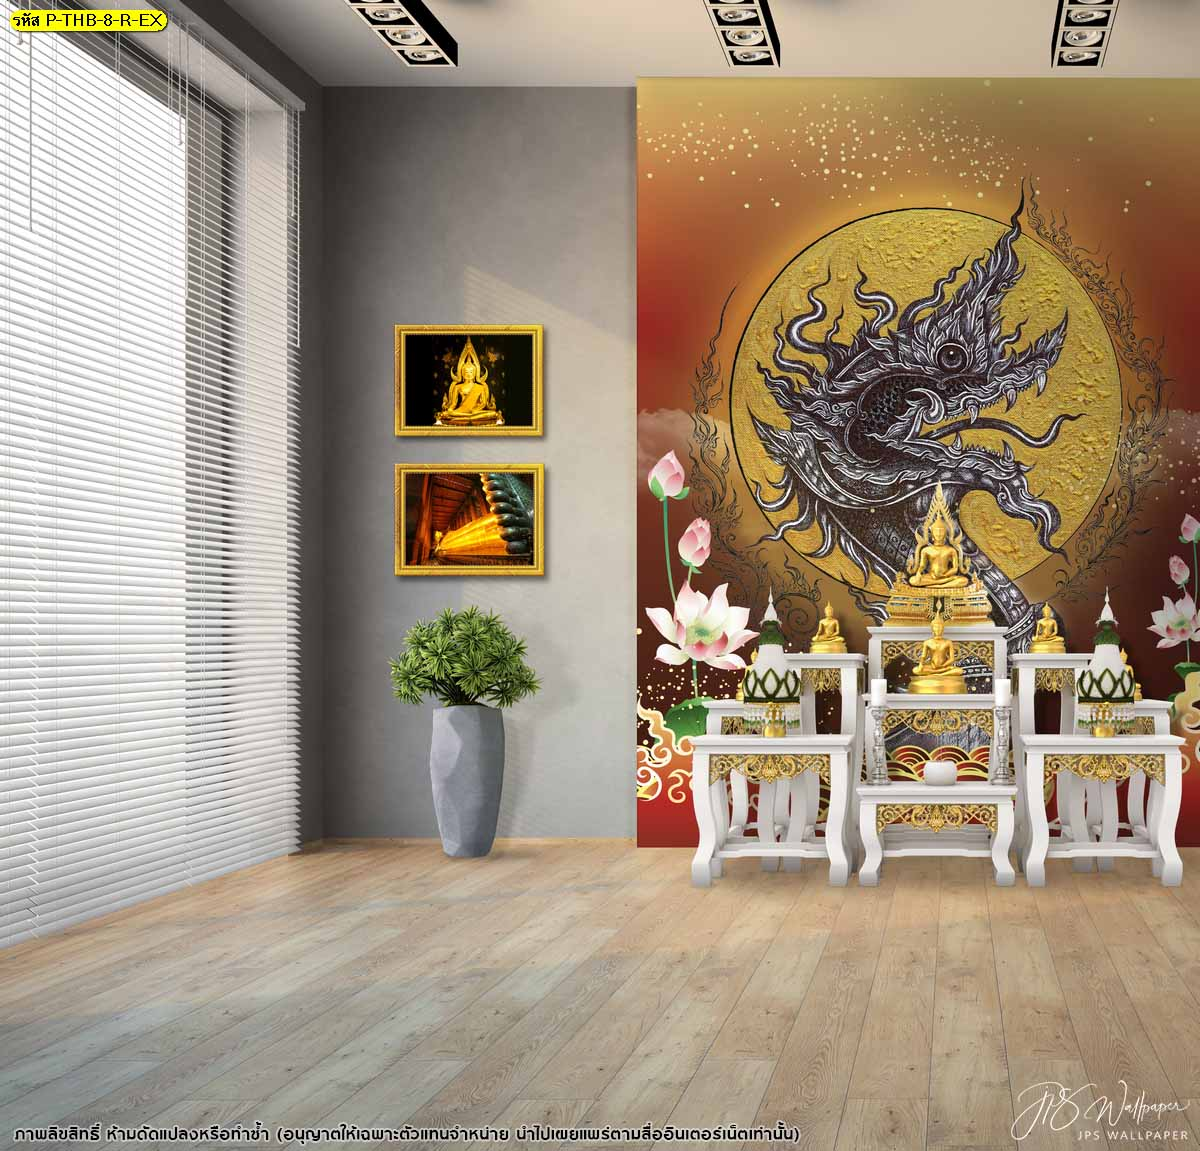 วอลเปเปอร์ลายไทยพญานาคประดับดอกบัวพื้นหลังสีแดง ลายไทยแต่งห้องพระขนาดเล็ก